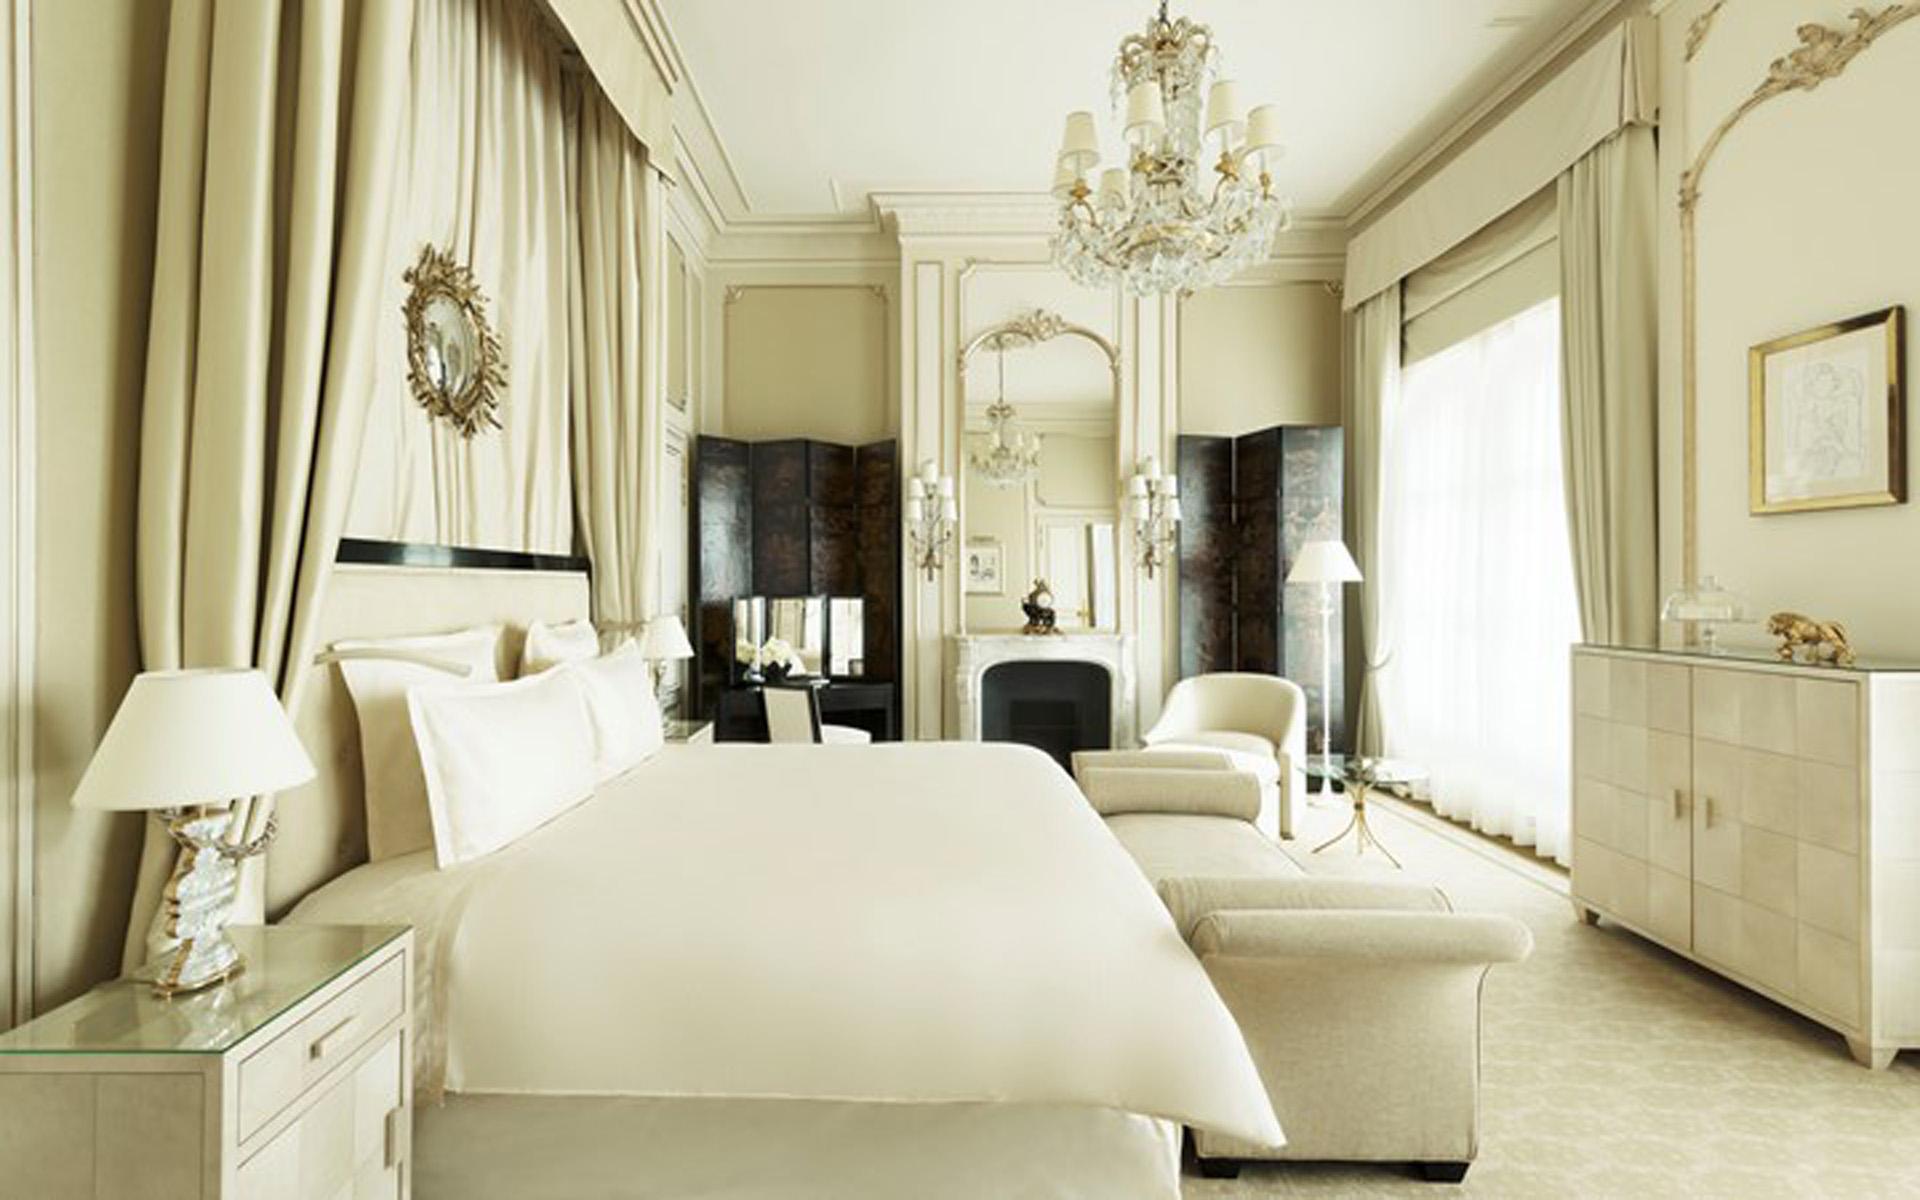 La suite Coco Chanel en homenaje a la diseñadora que vivió durante más de tres décadas en este emblemático edifcio (Ritz)